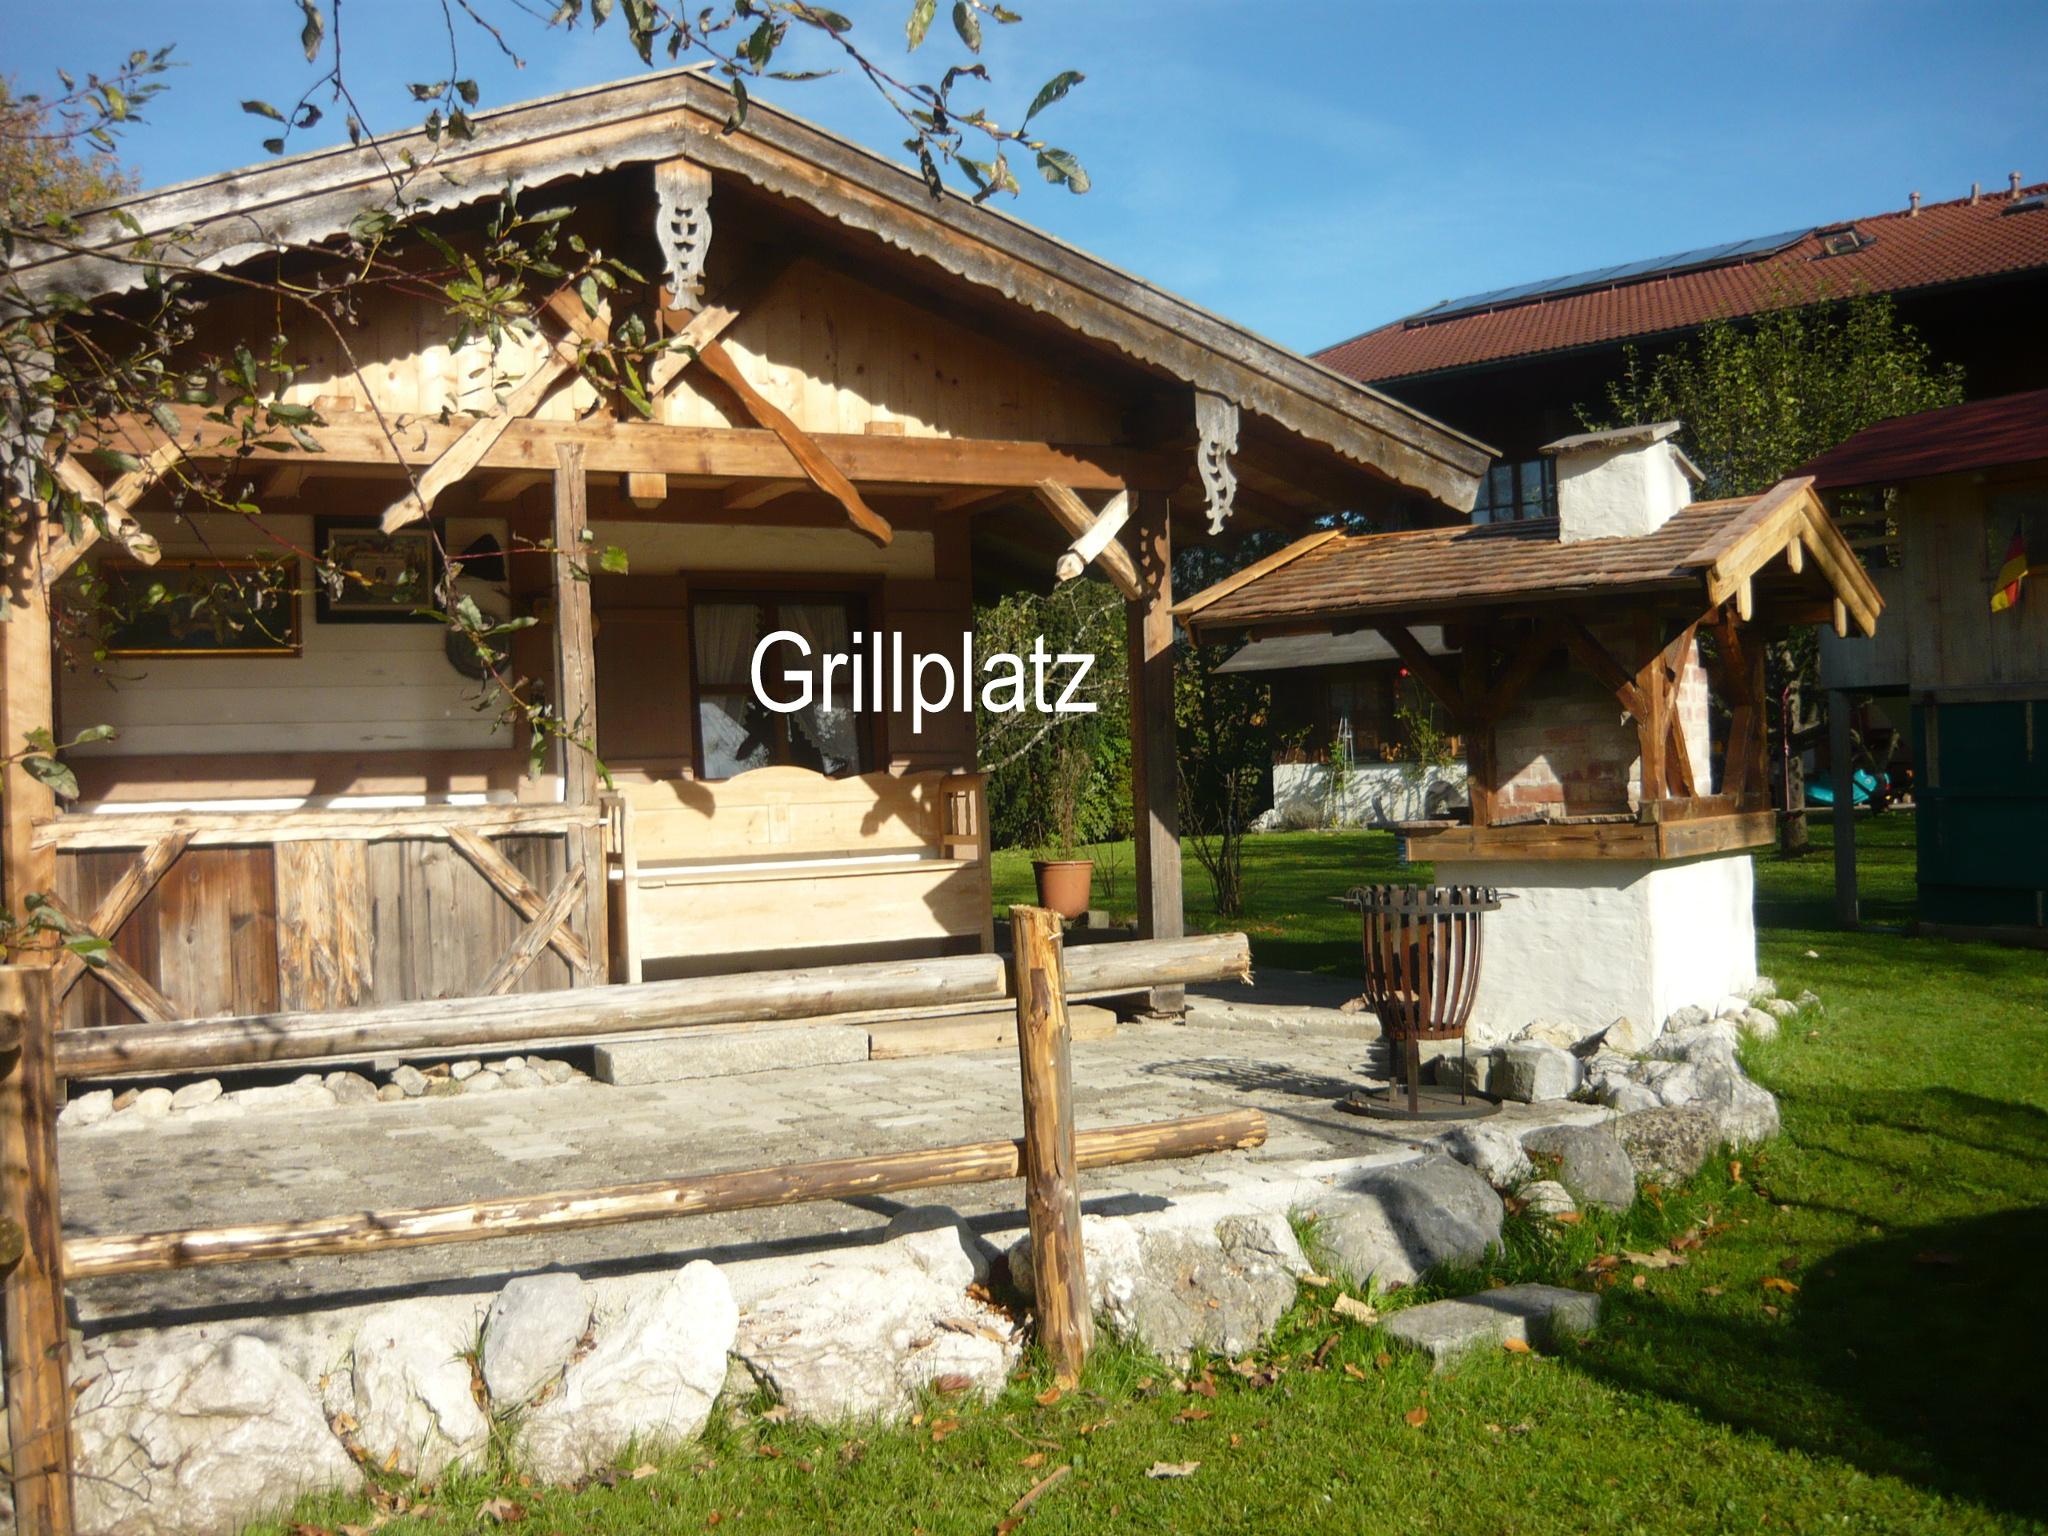 Appartement de vacances Gästehaus Kress - Chiemgau Karte (DE Inzell). Ferienwohnung 2 für 4 Personen, 1 Schlaf- un (712315), Inzell, Chiemgau, Bavière, Allemagne, image 6